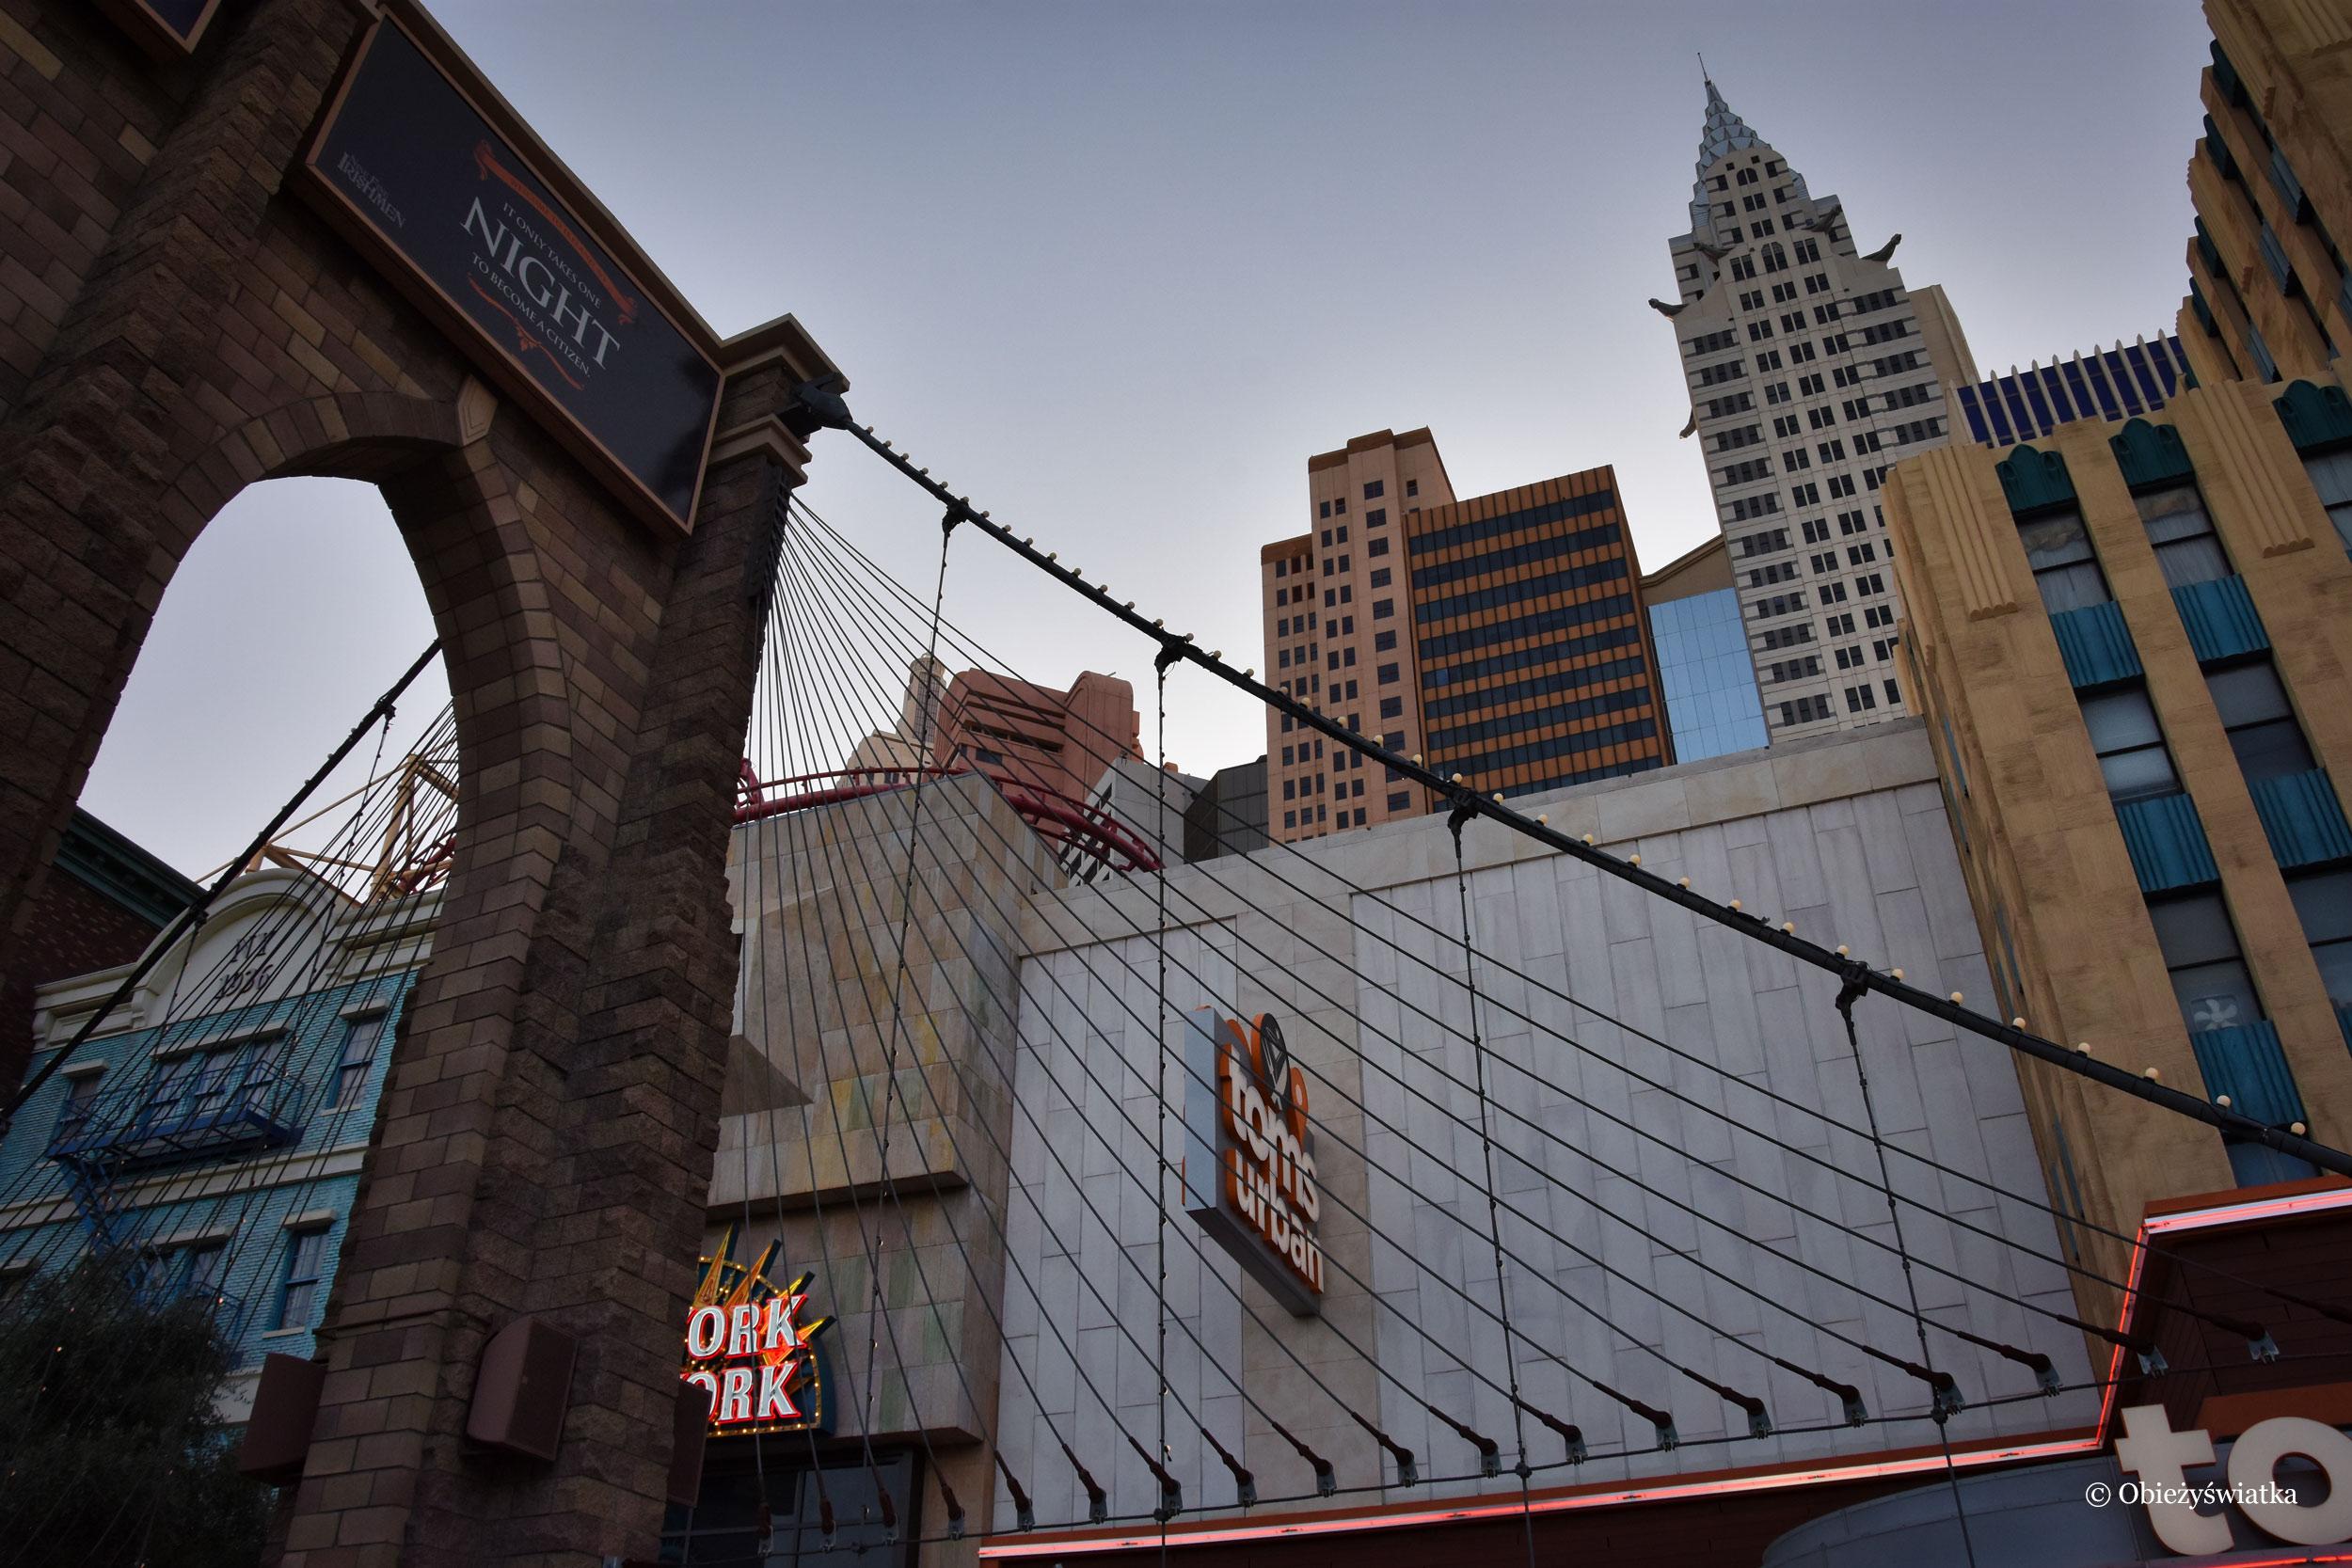 W Hotelu New York, New York można znaleźć wiele replik nowojorskich budynków, np. Most Brookliński i Chrysler Building, Las Vegas, Nevada